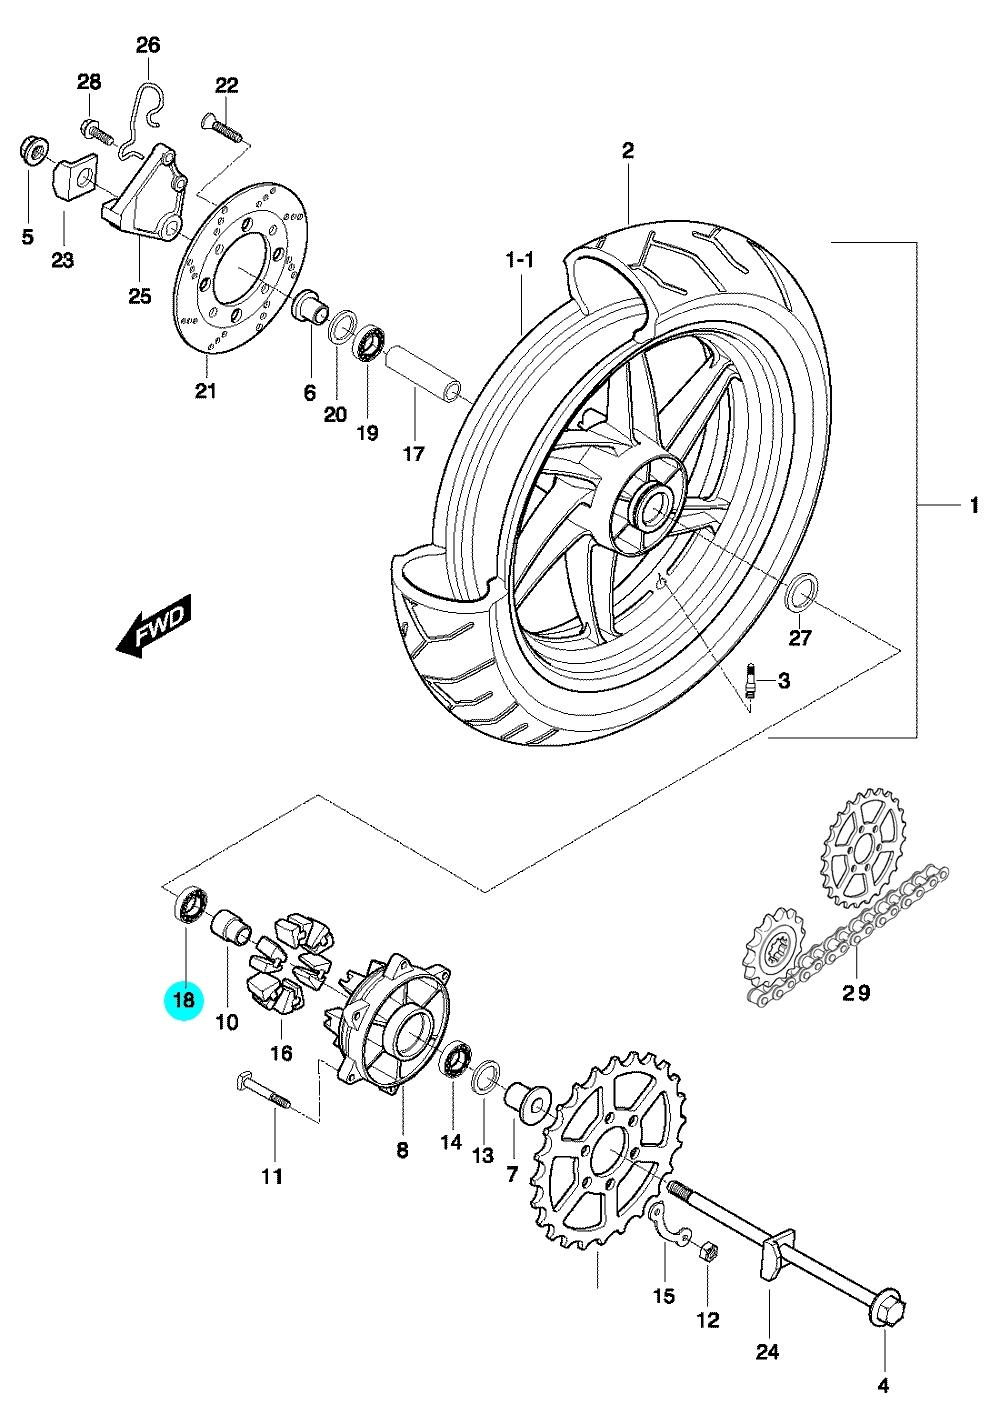 [18] Ložisko (zadní kolo) - Hyosung GT 650 N